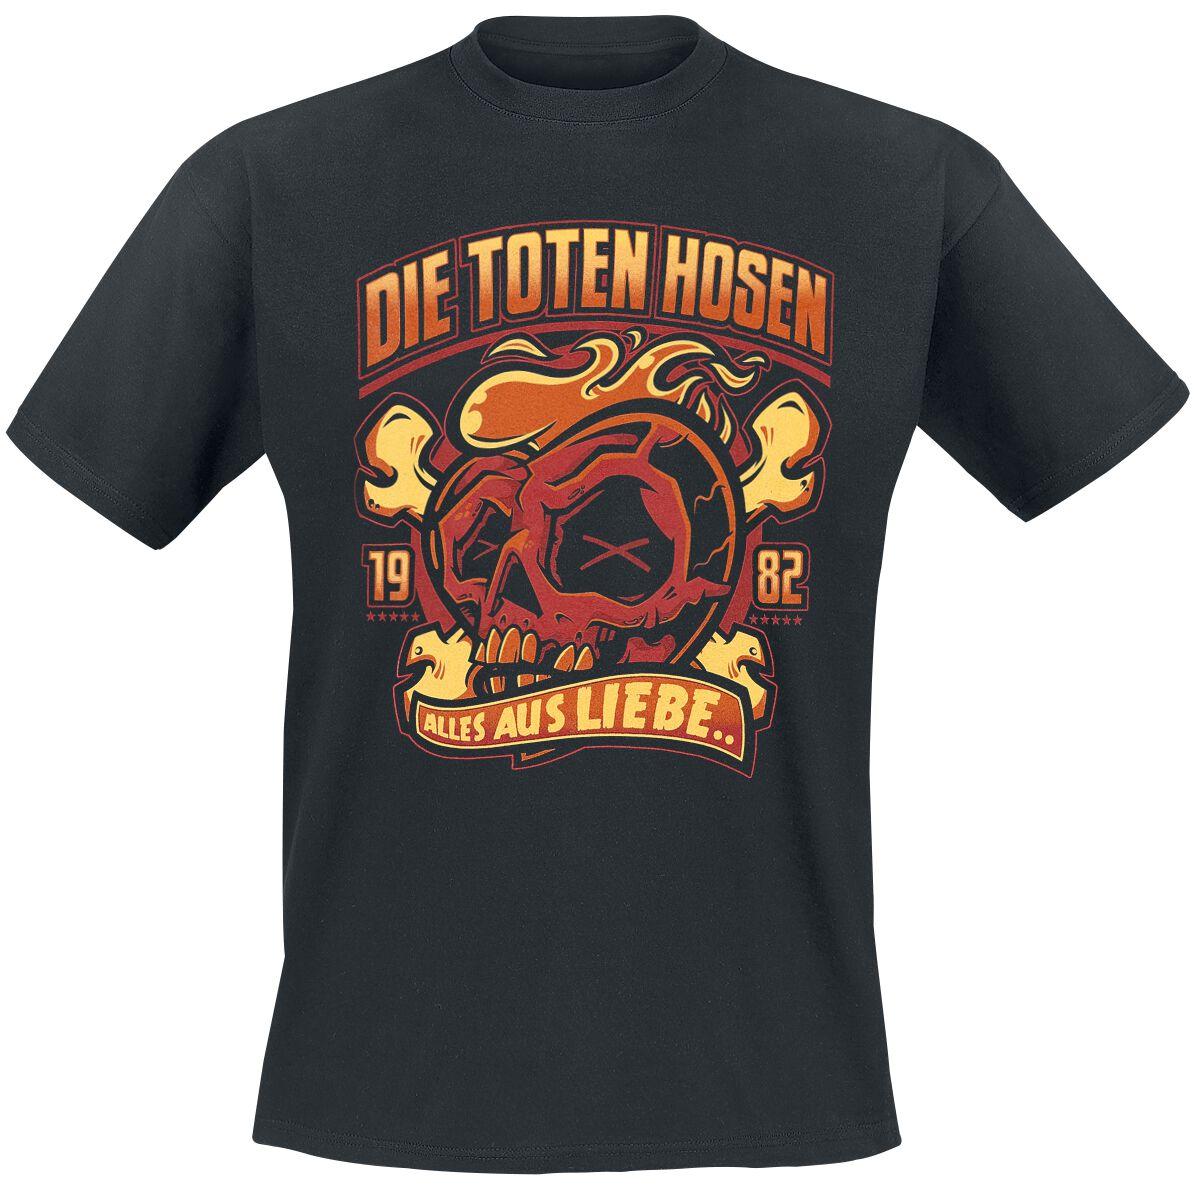 Die Toten Hosen Alles aus Liebe T-Shirt schwarz